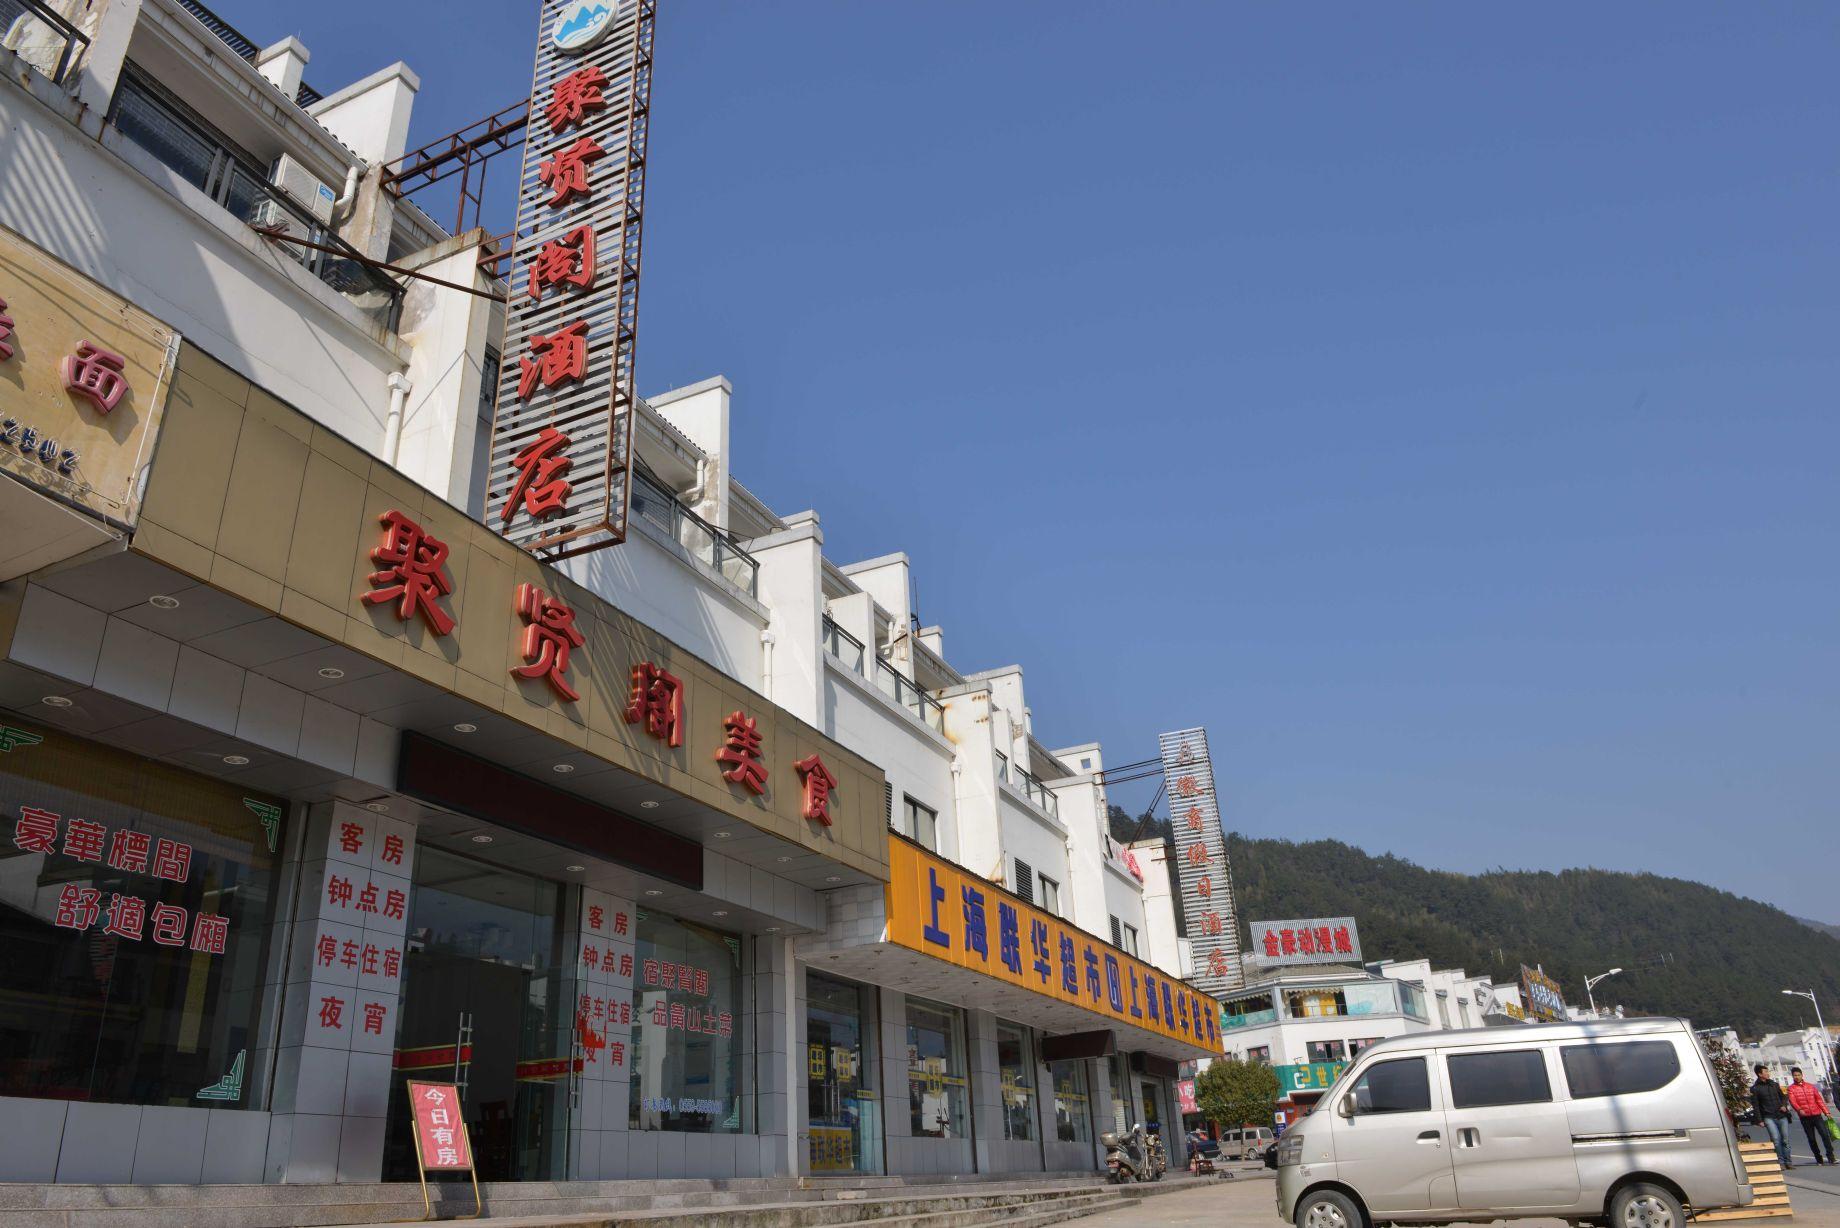 聚贤阁酒店